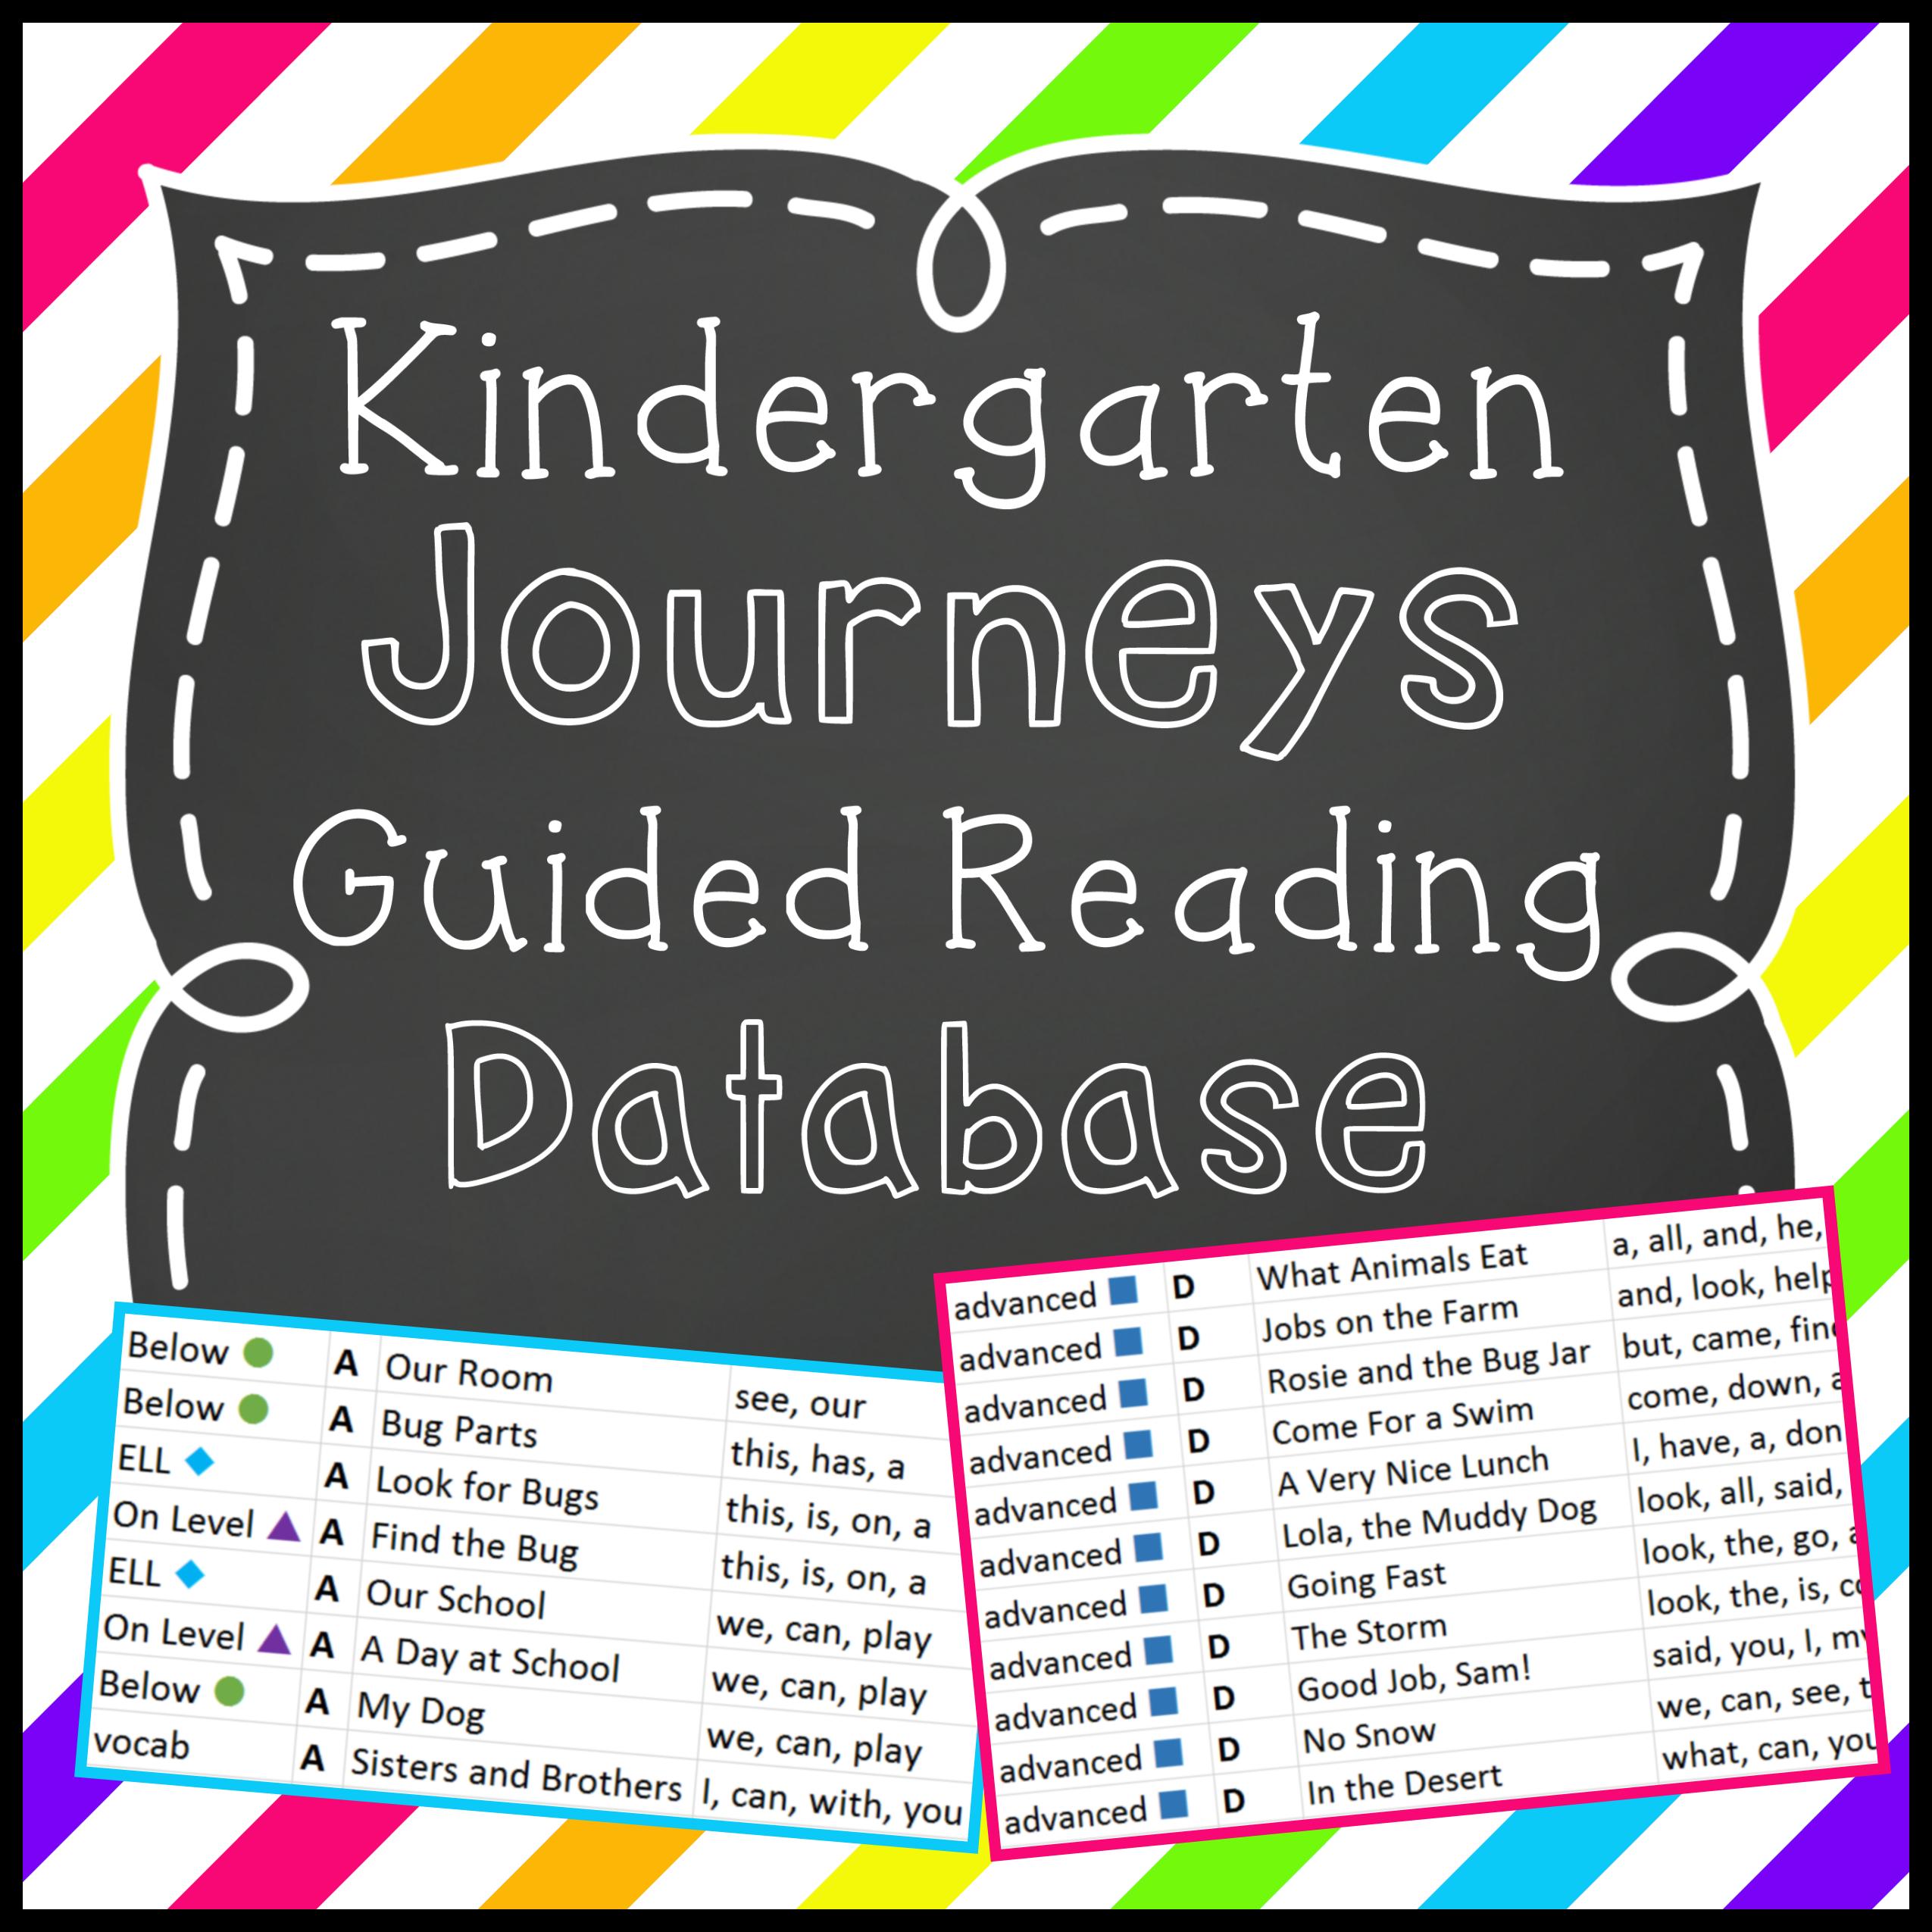 Kingergarten Journeys Guided Reading Database